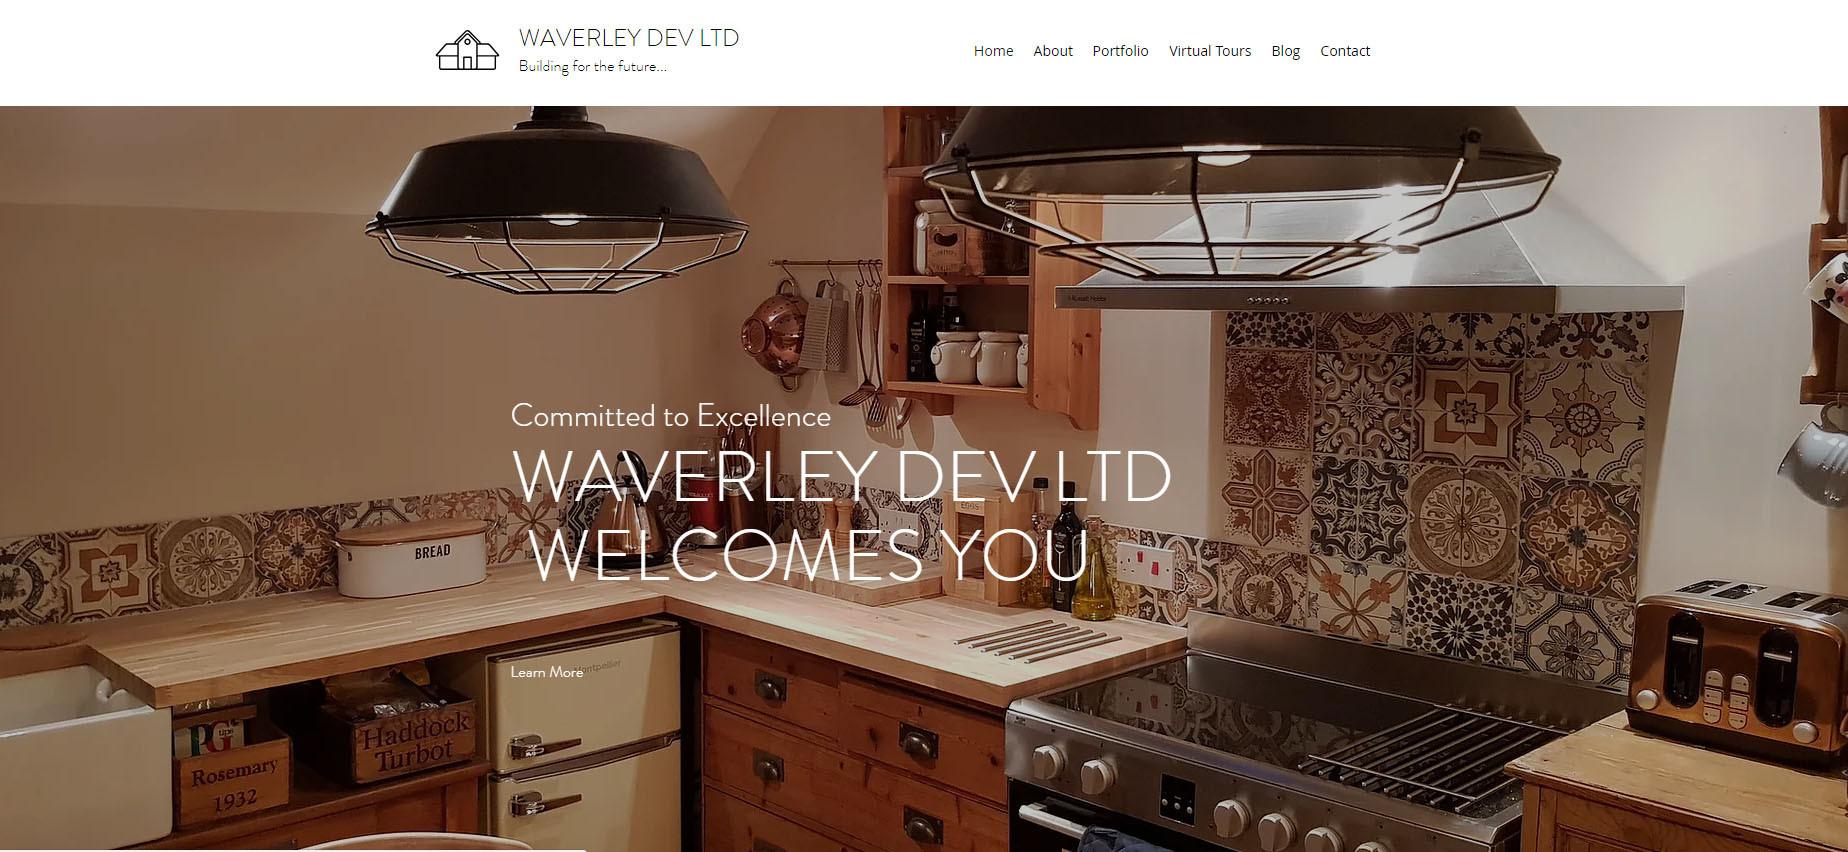 Waverley Dev ltd.jpg